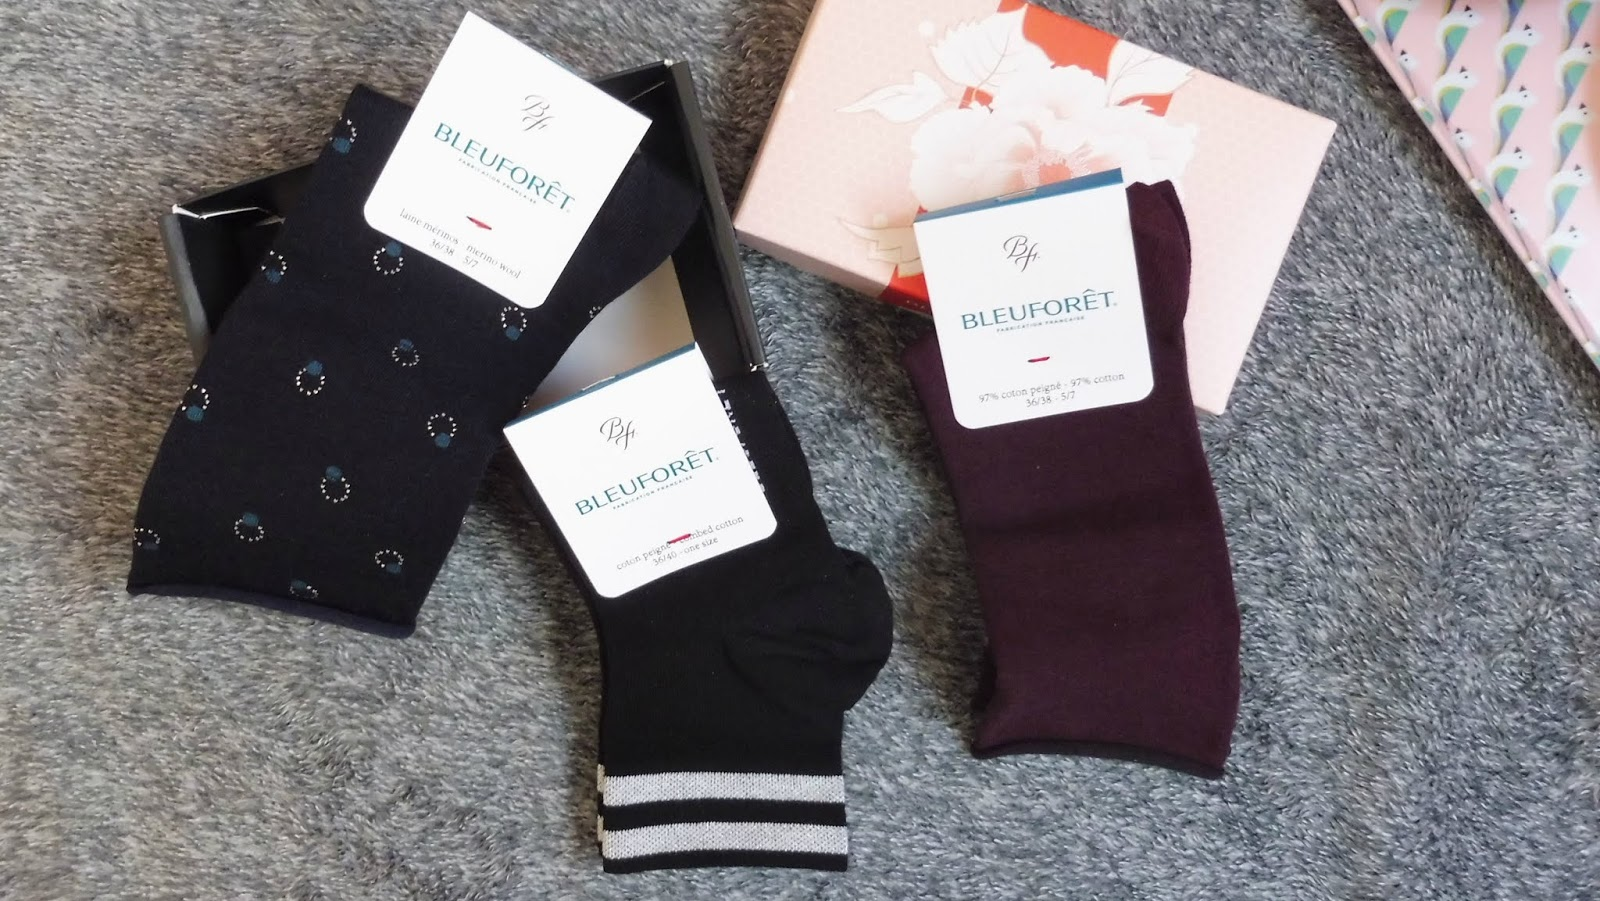 Bleuforêt, tout le savoir-faire français dans des chaussettes ! #concours - Lili LaRochelle à Bordeaux